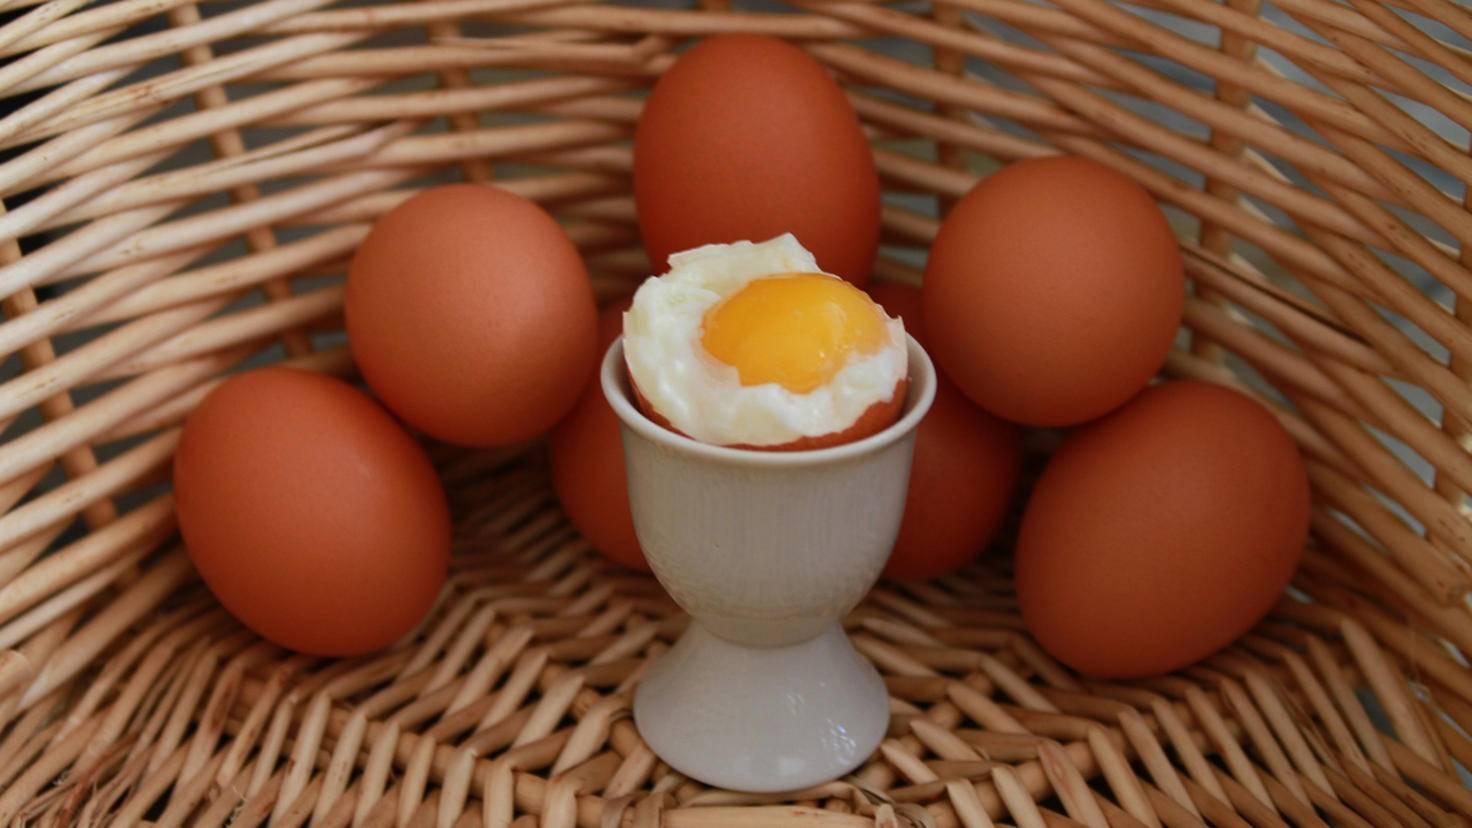 Damit das Ei seine perfekte Konsistenz behält, solltest Du es direkt nach dem Ablaufen der gewünschten Kochzeit aus dem heißen Wasser holen.